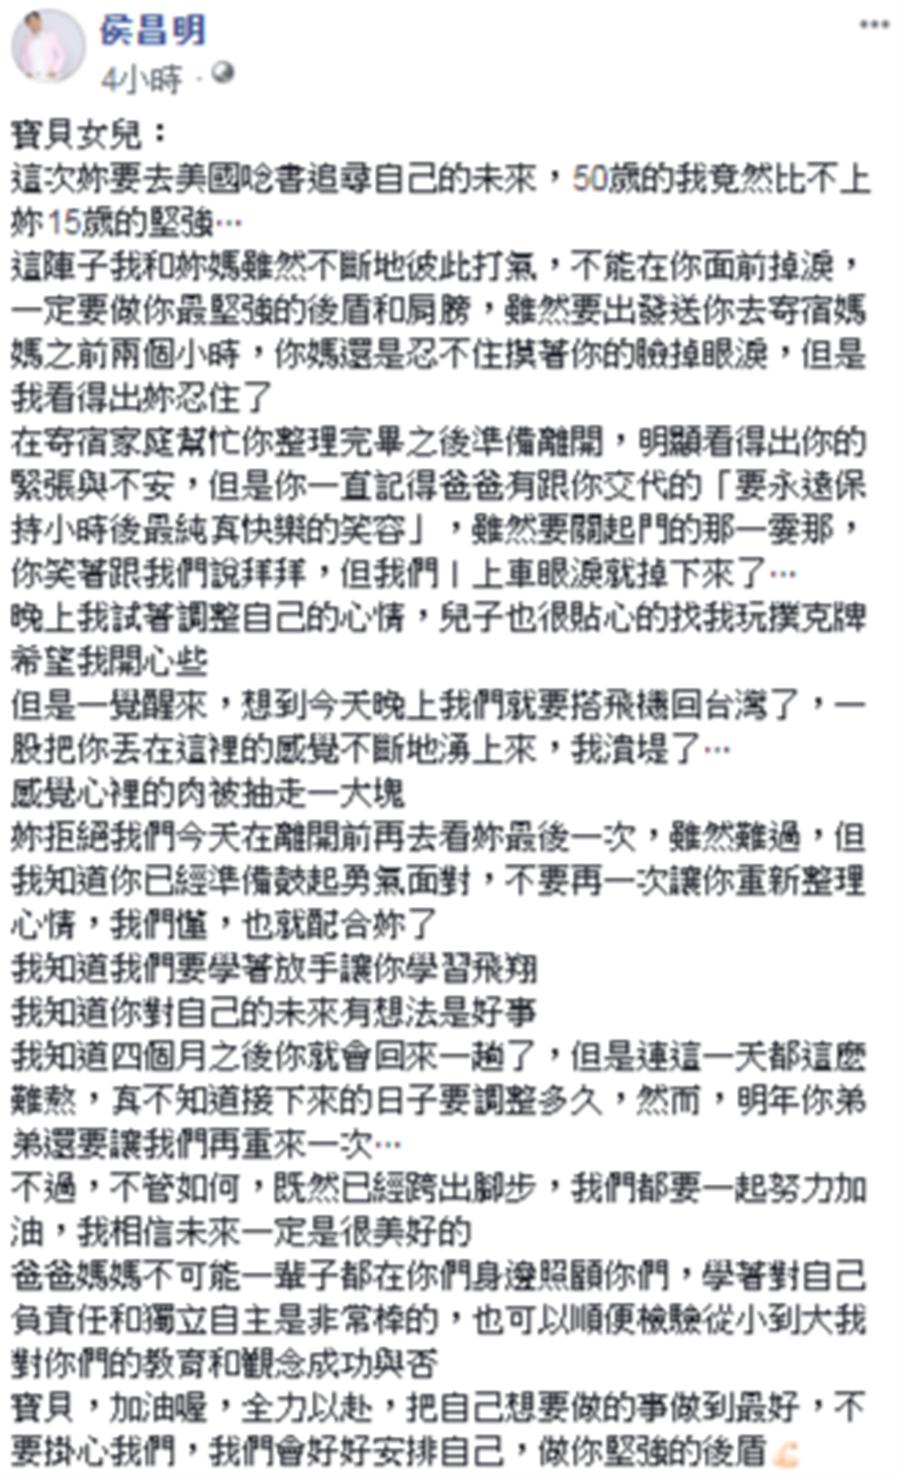 侯昌明臉書全文。(圖/侯昌明臉書)